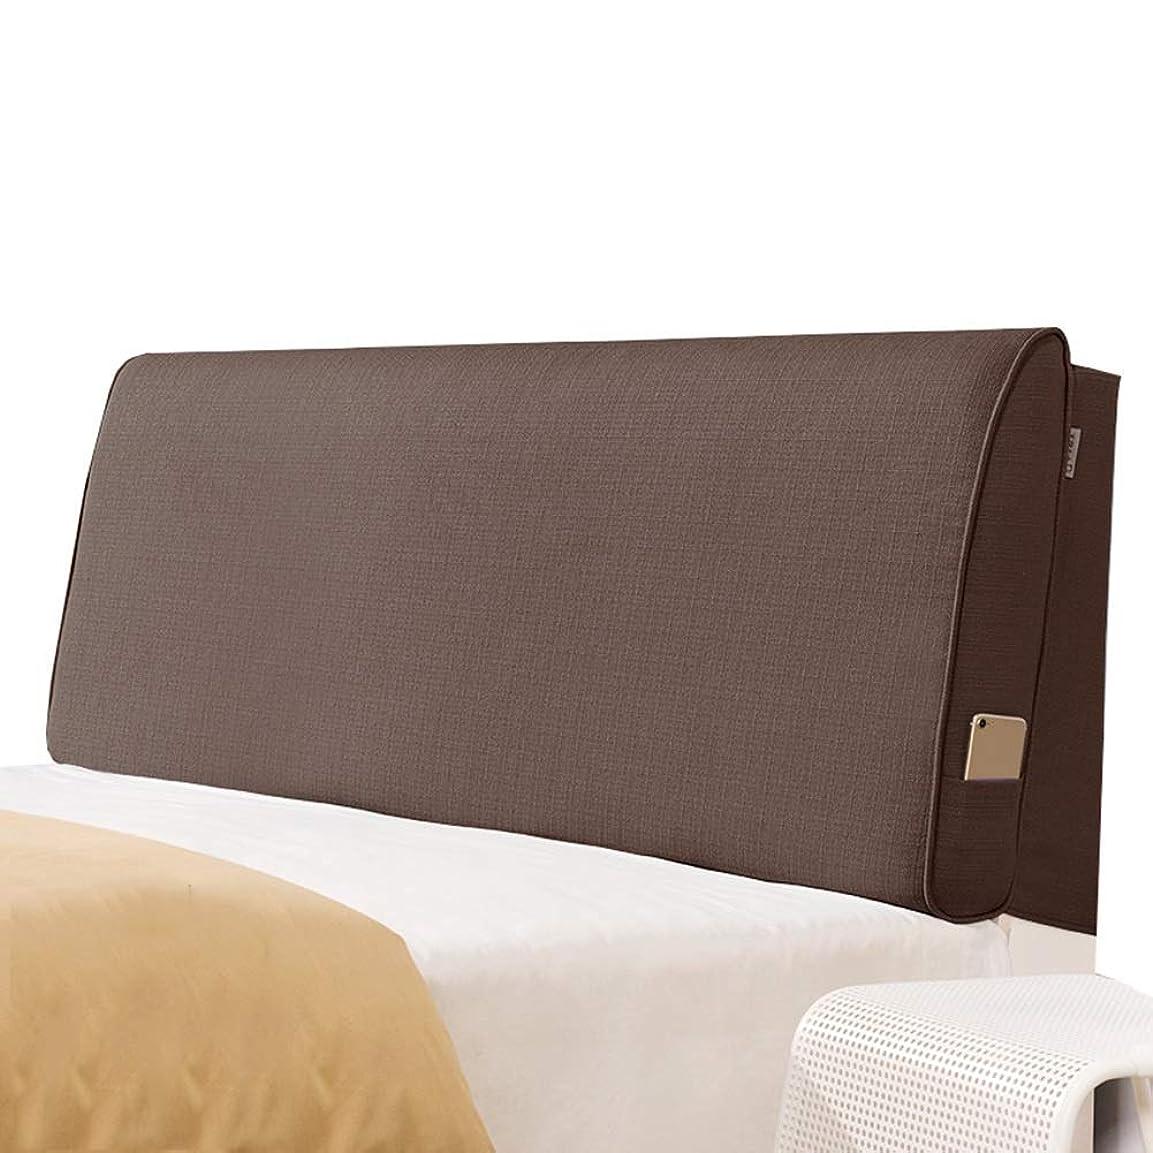 子くさび城WZBヘッドボードクッション通気性快適ウエストサイドポケット取り外し可能、5サイズ、5色をサポート(色:A-ブラウン、サイズ:180x60x10cm)